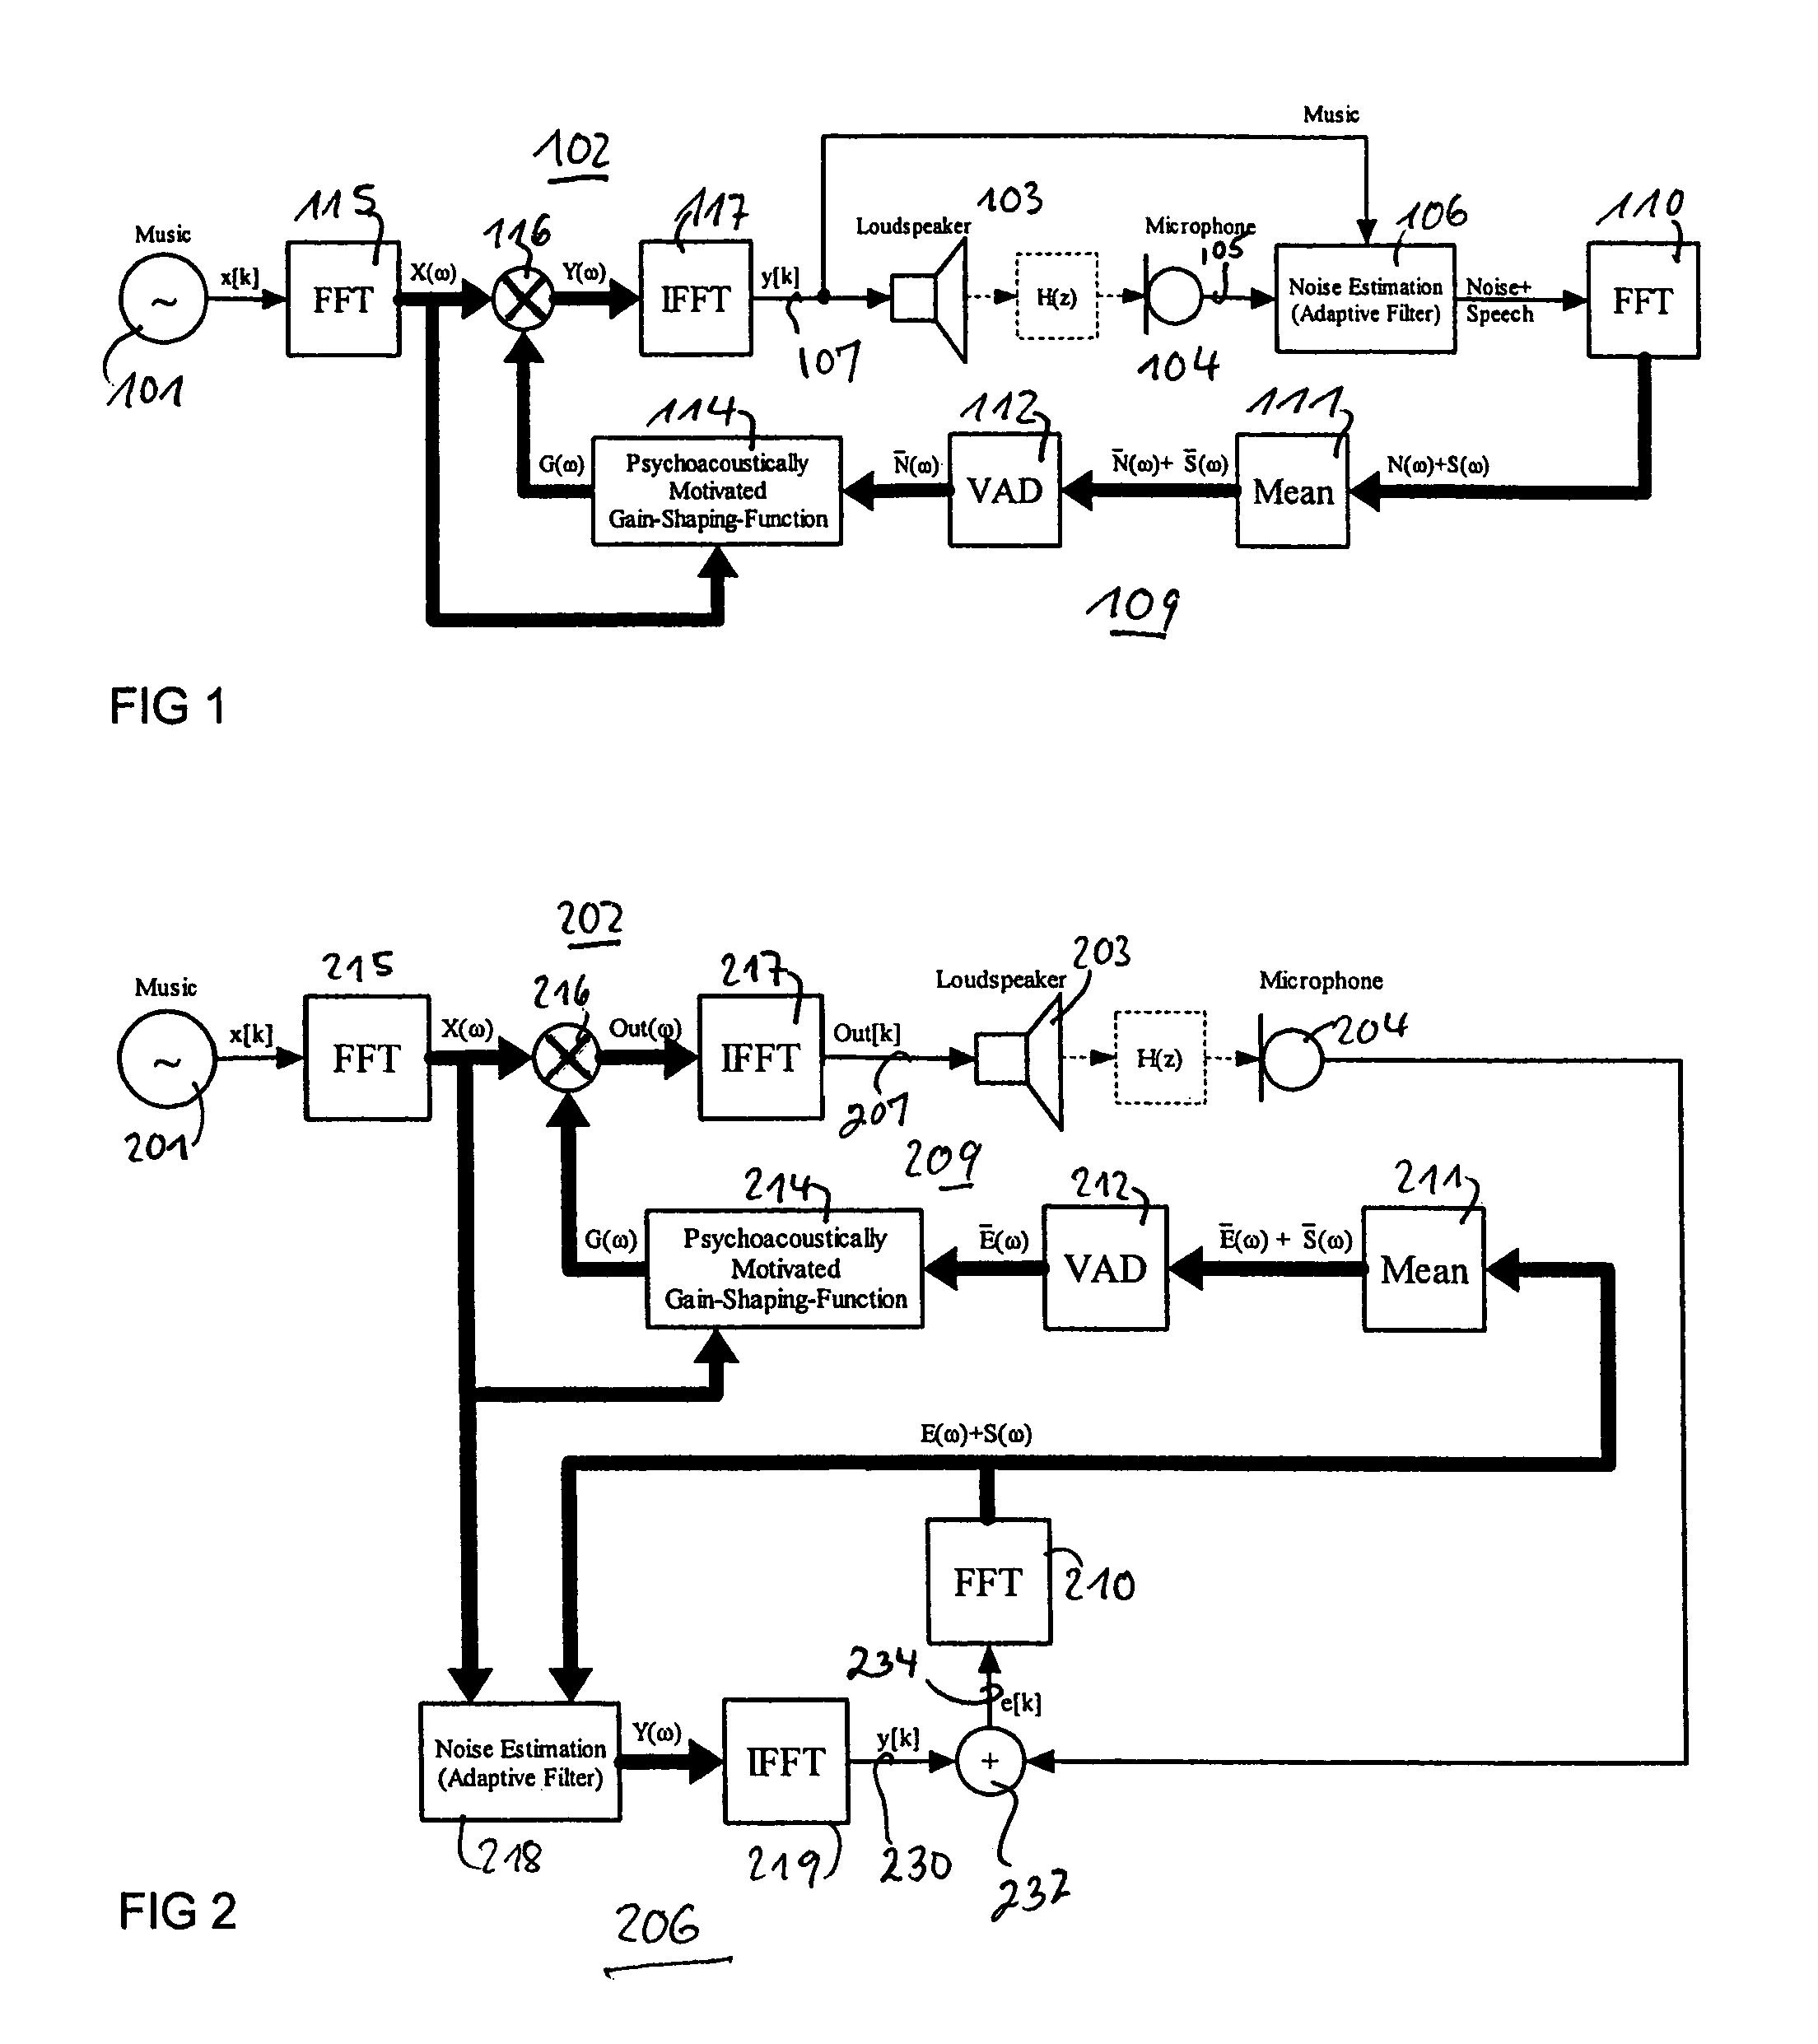 bose 802 wiring diagram bose acoustimass 10 wiring diagram wire bose 321  speaker wiring diagram